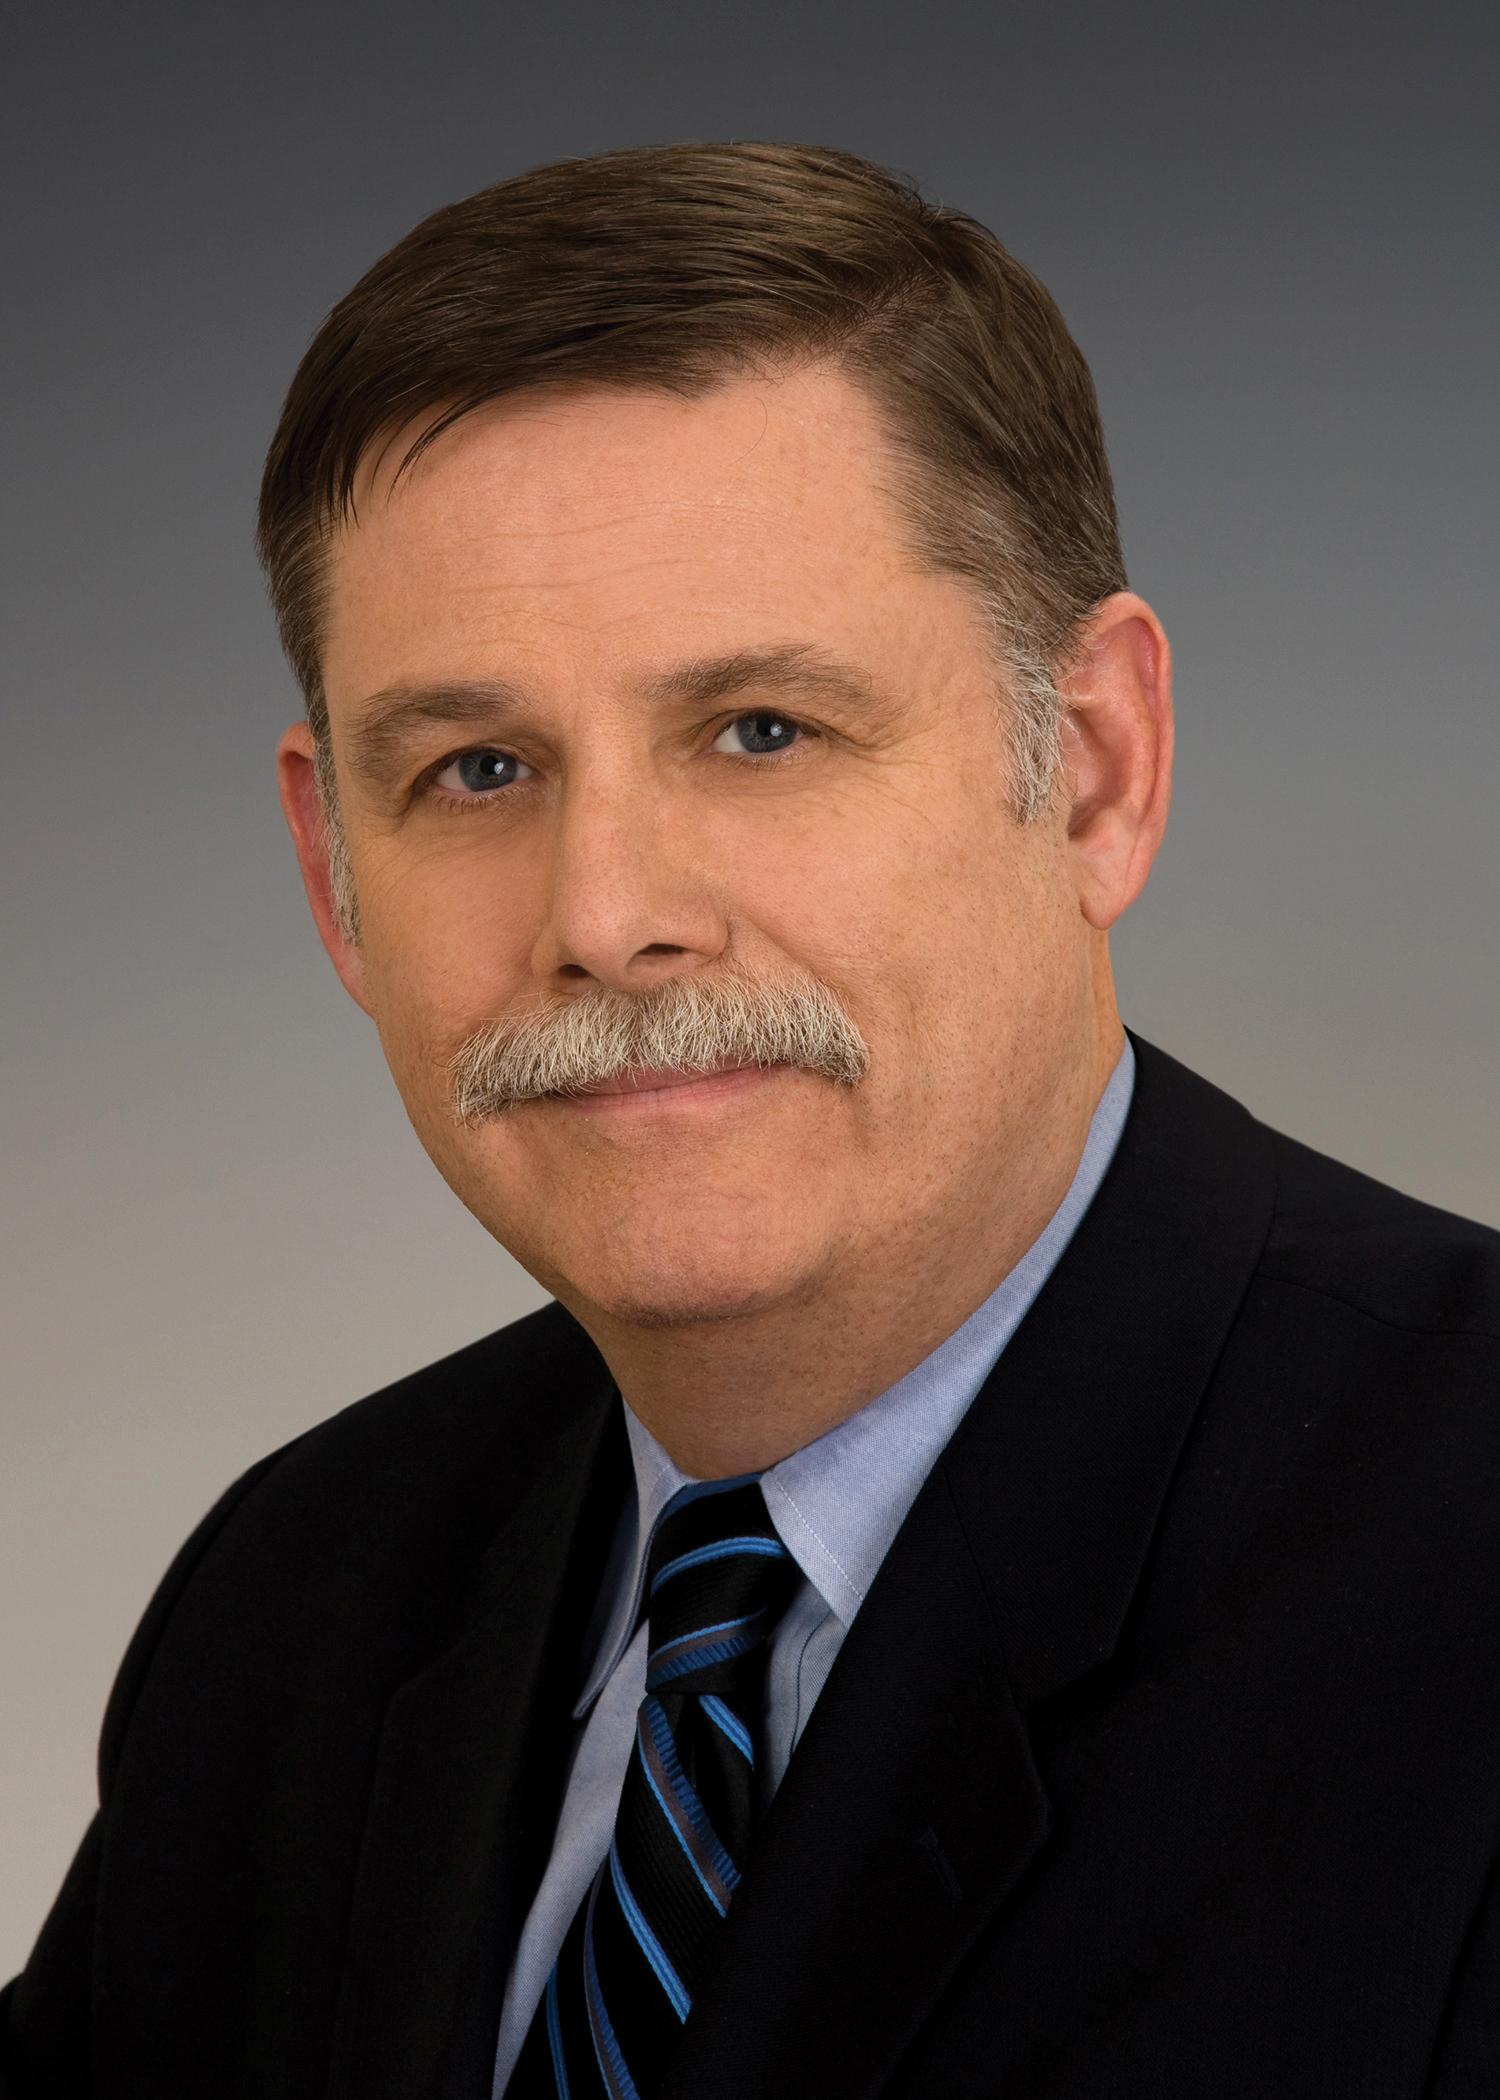 William Devereaux